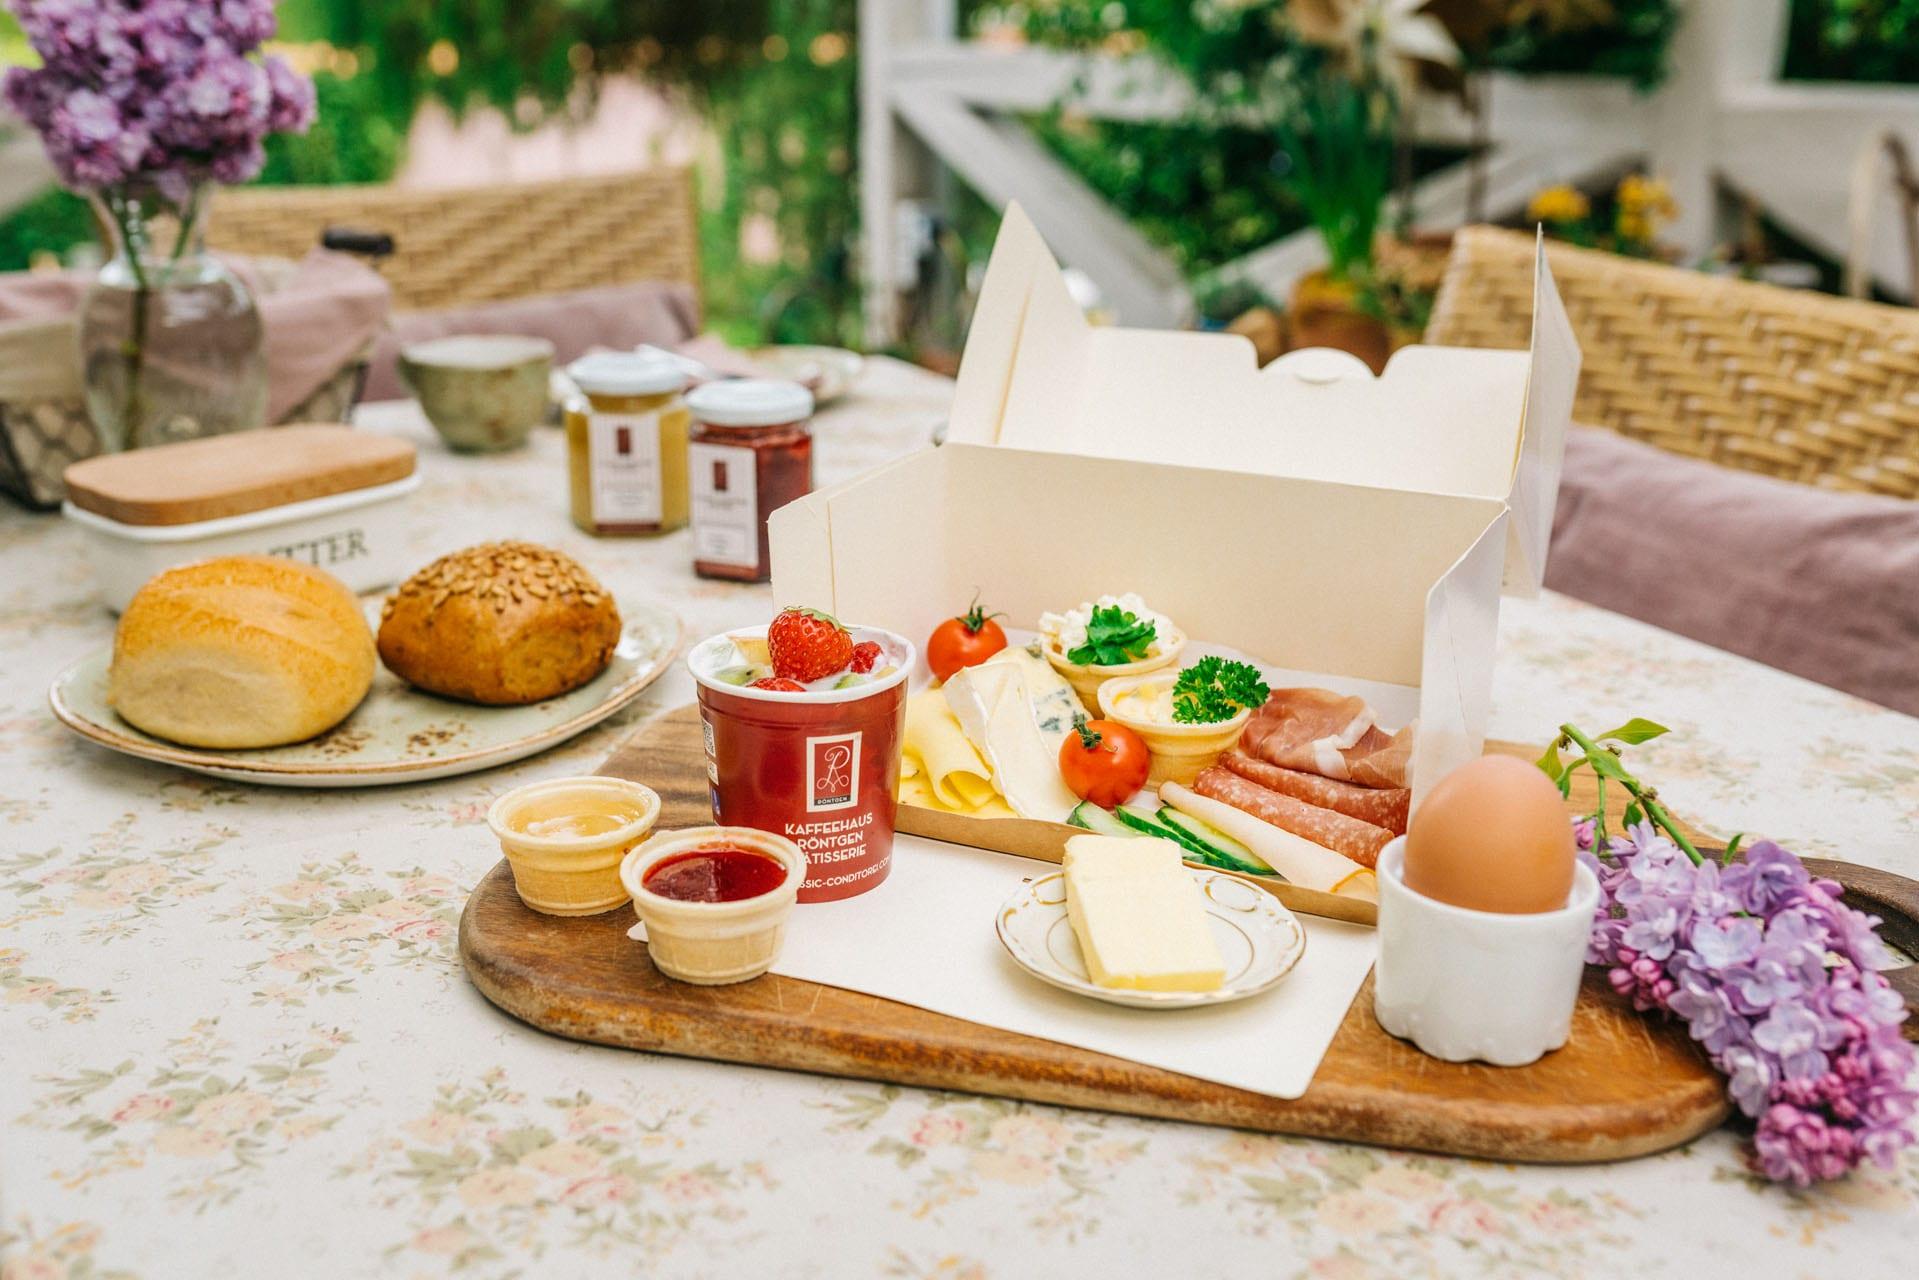 Wir haben für unsere Gäste in den umliegenden Hotels, Pensionen und Ferienwohnungen aber auch für zu Hause oder für den Strand, das Frühstück in der Box entwickelt. In gewohnt frischer Qualität können Sie aus vier verschiedenen Frühstücks-Varianten wählen.